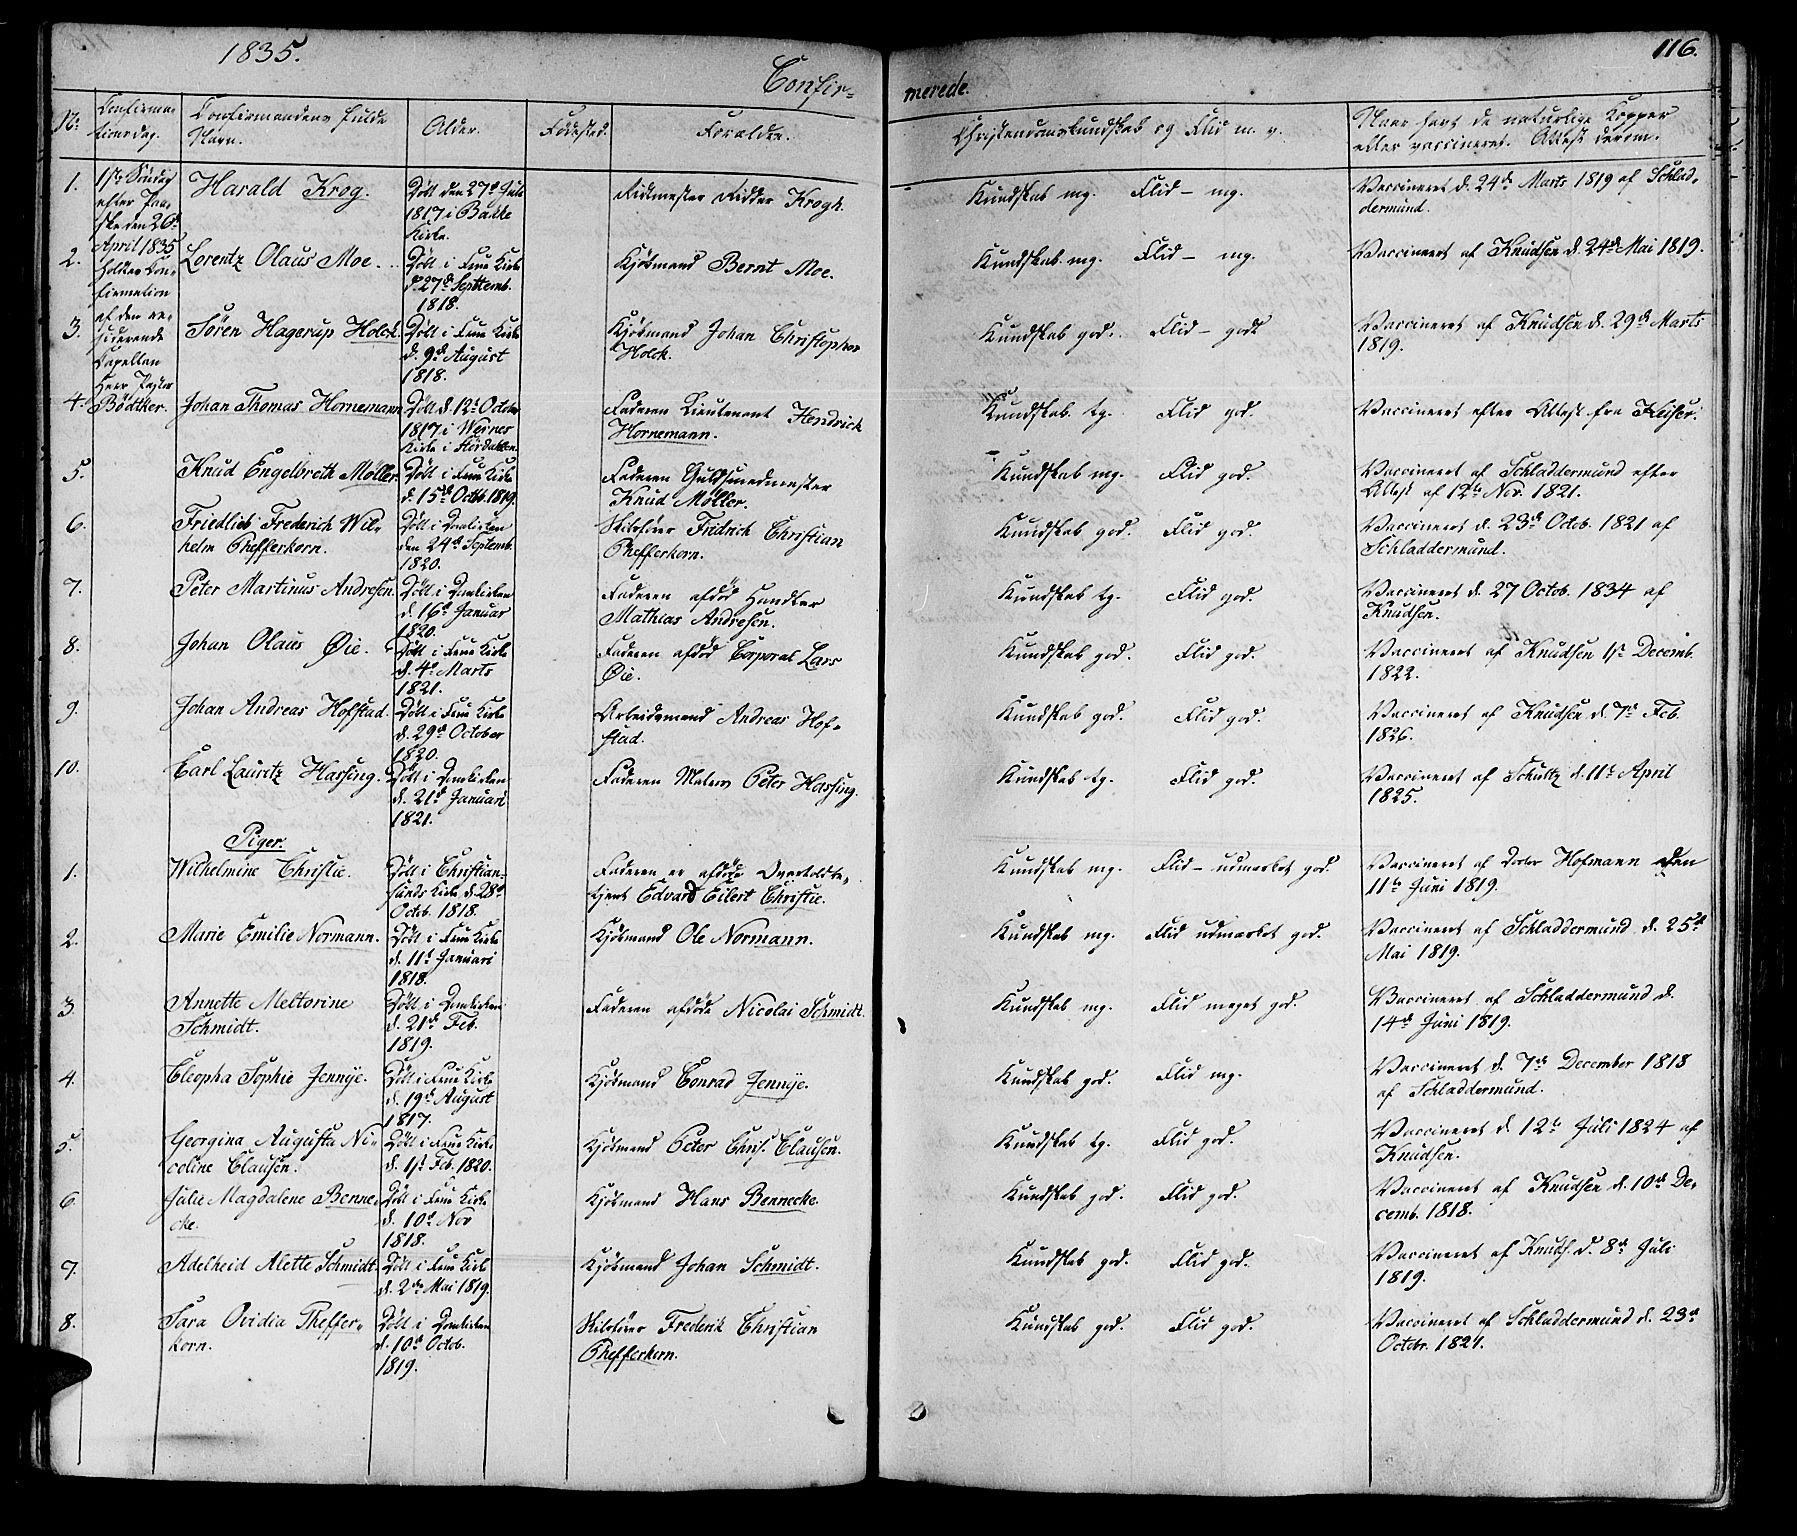 SAT, Ministerialprotokoller, klokkerbøker og fødselsregistre - Sør-Trøndelag, 602/L0136: Klokkerbok nr. 602C04, 1833-1845, s. 116